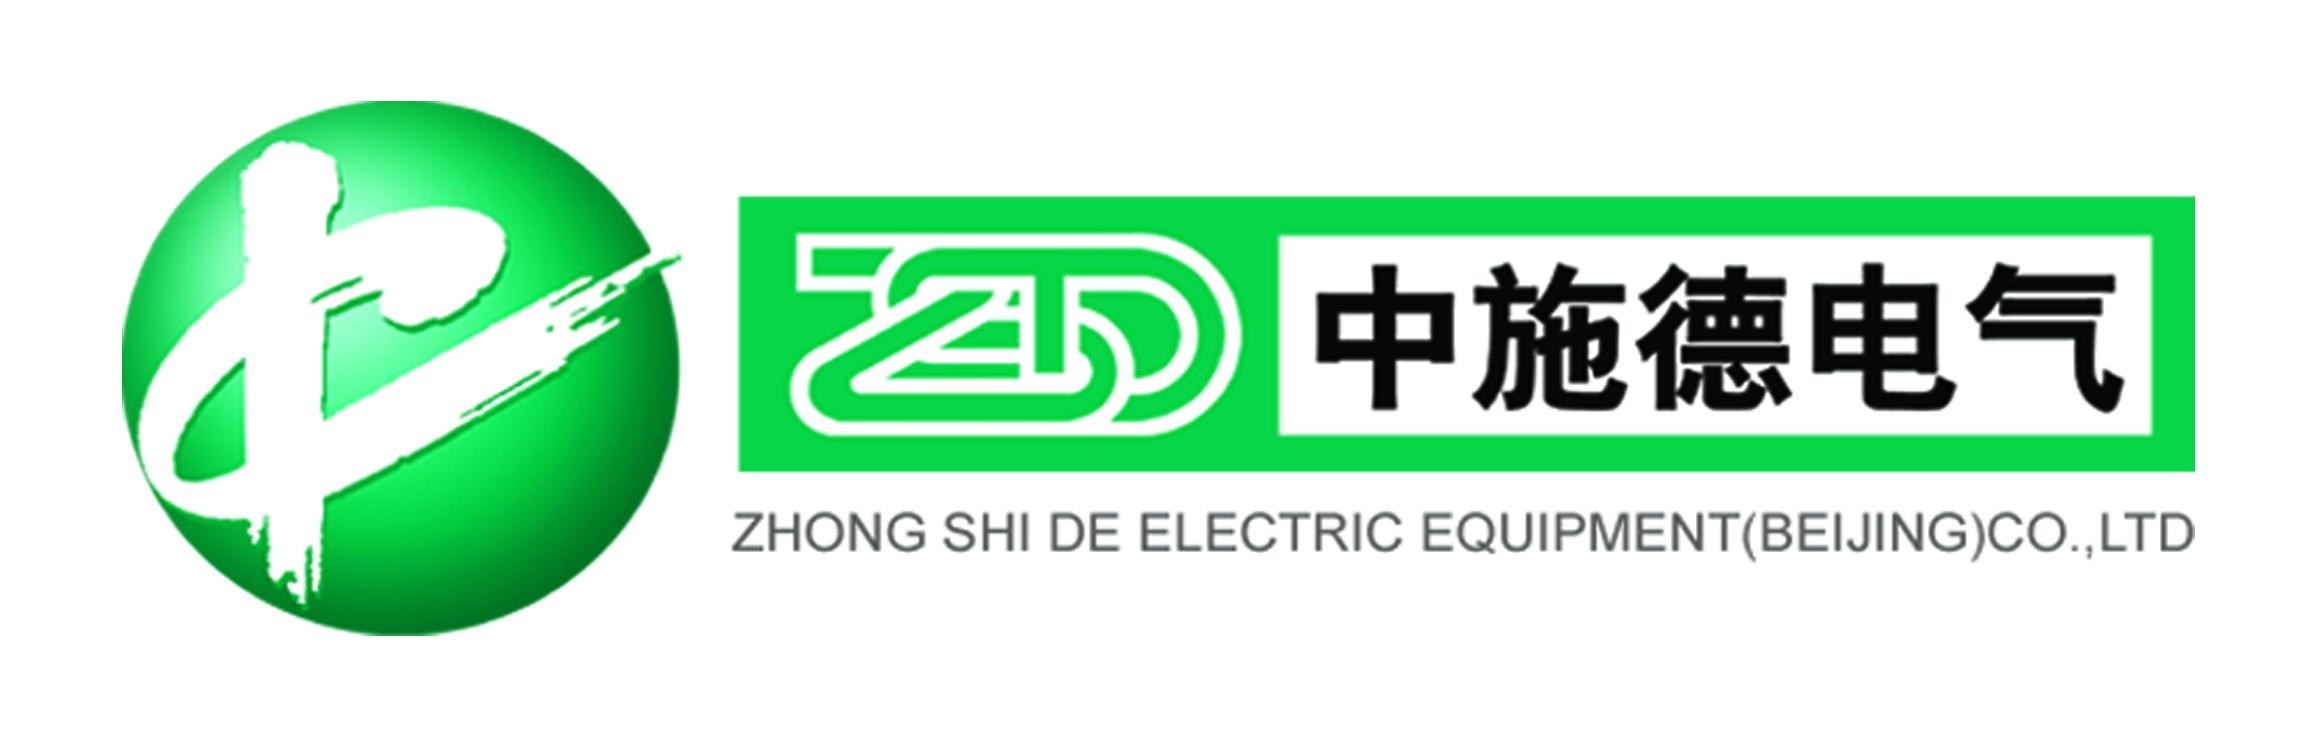 中施德电气设备(北京)有限公司